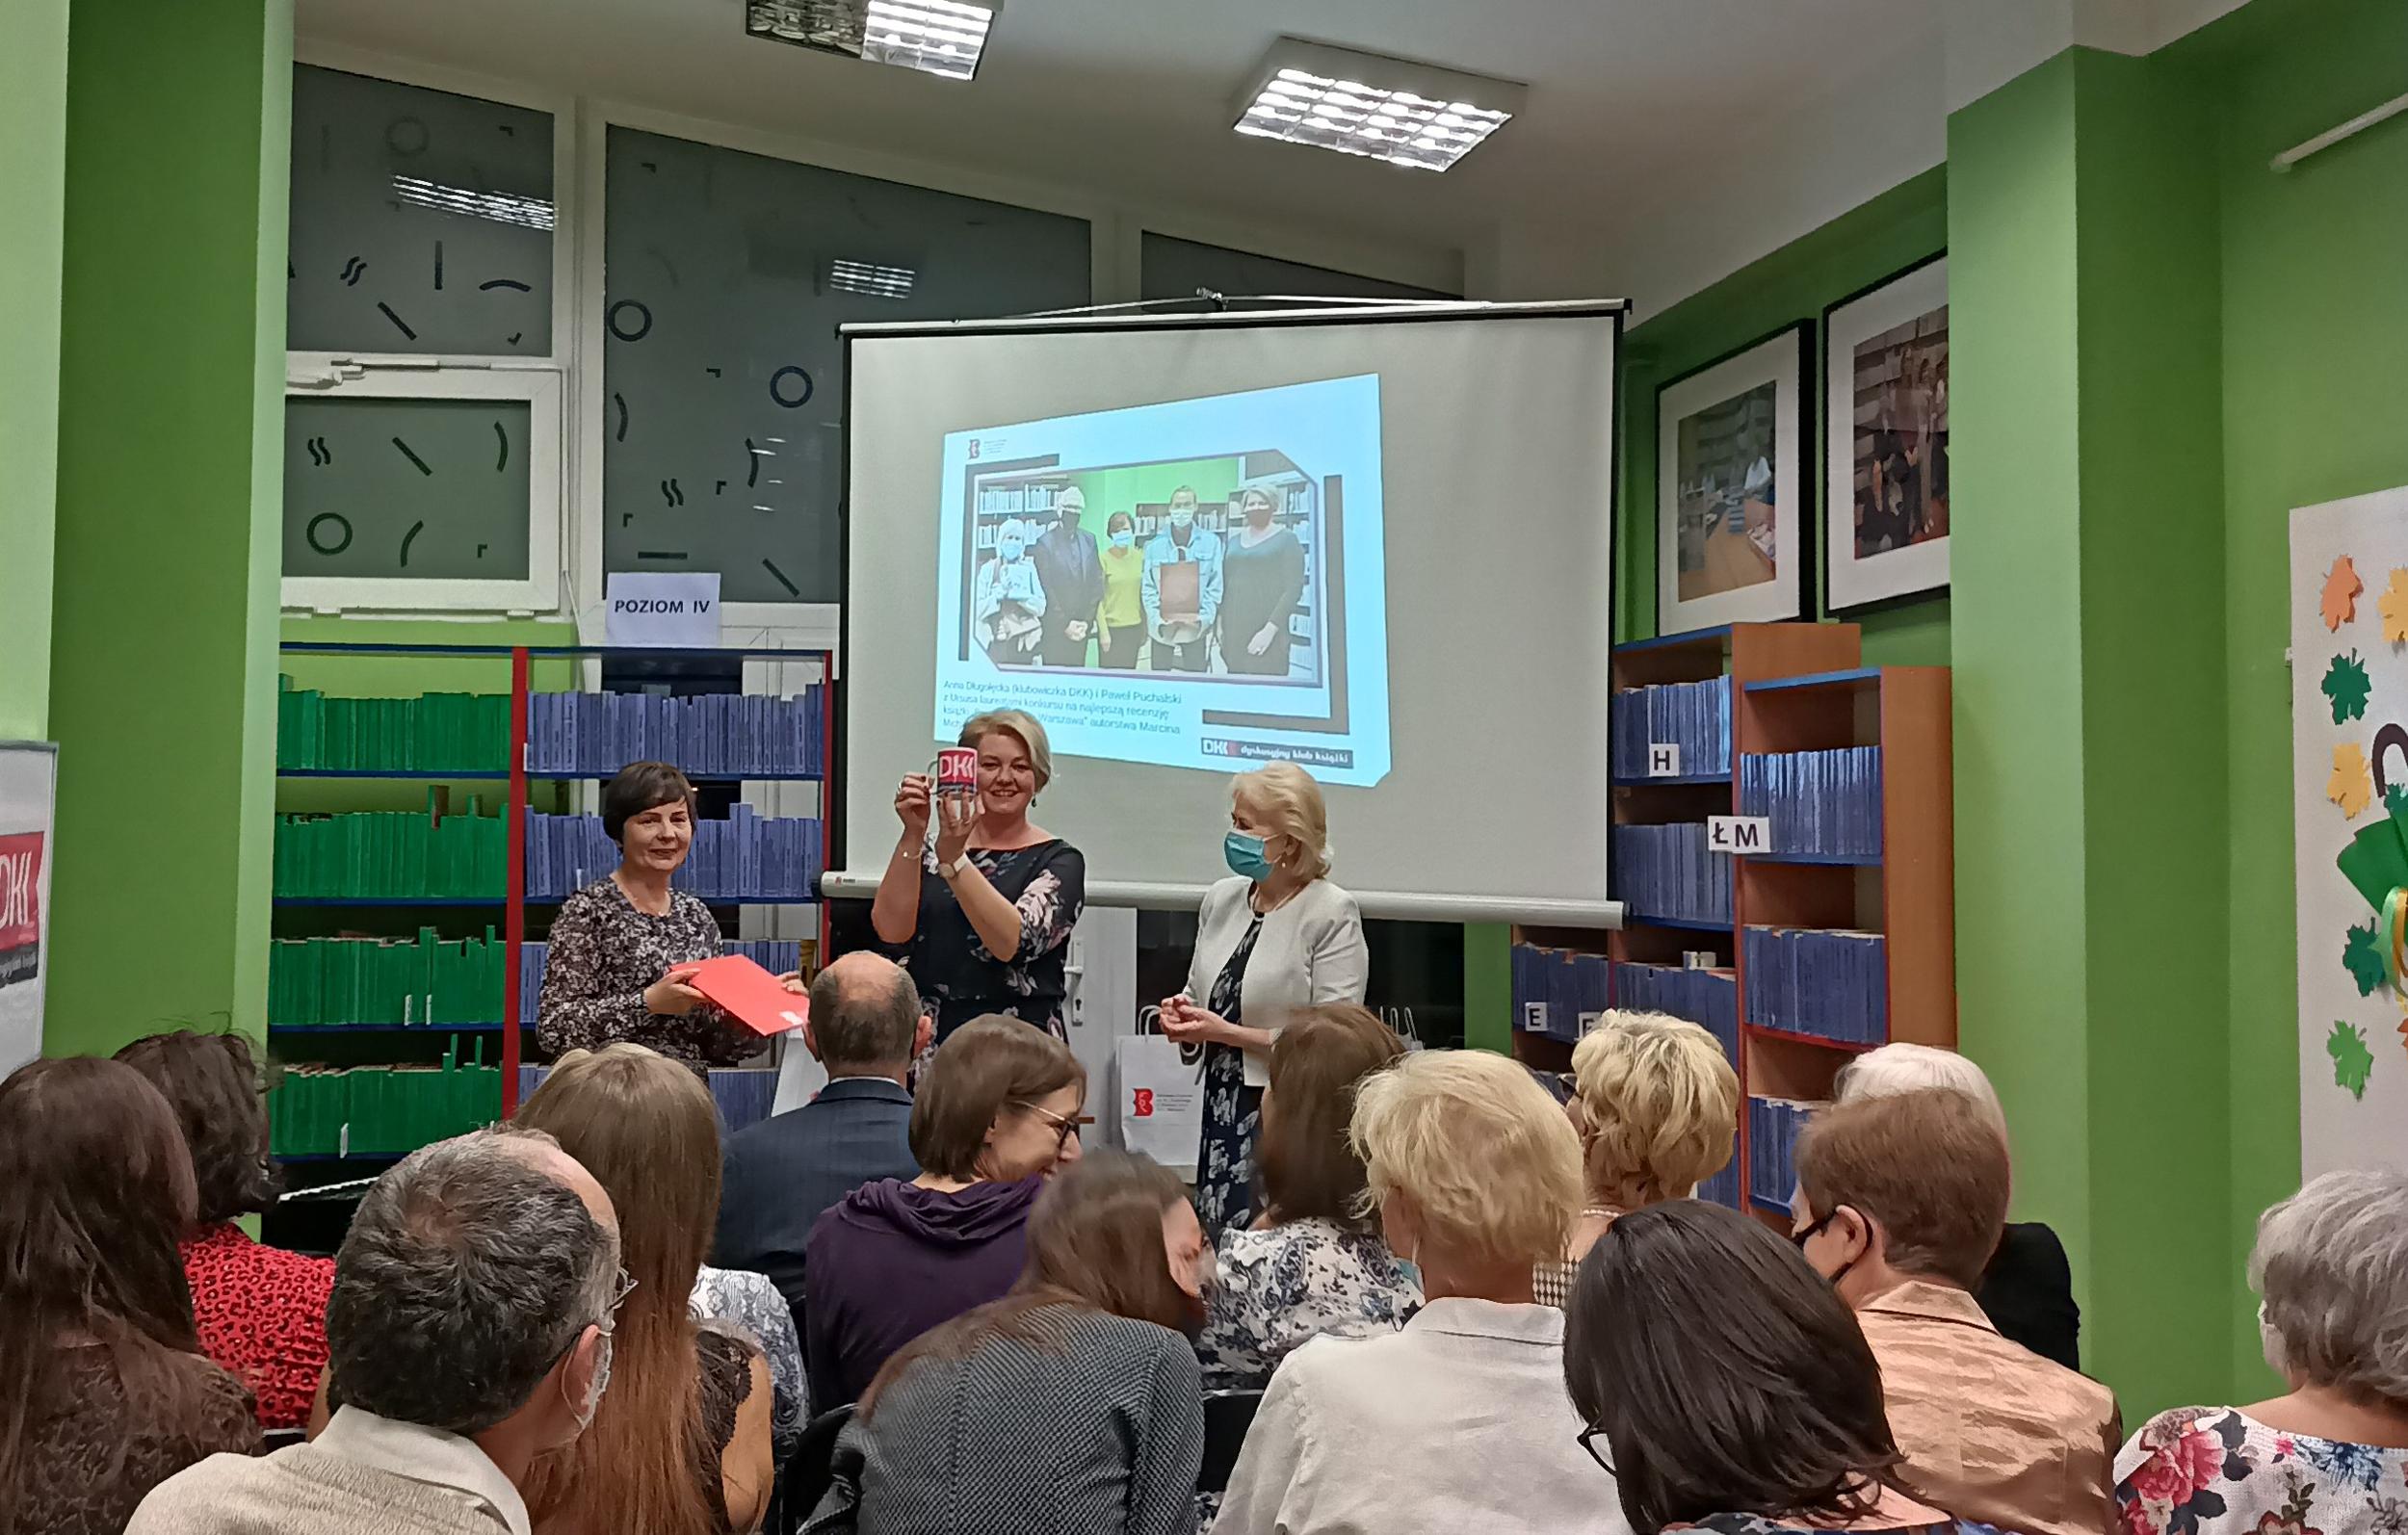 widownia i ekran z prezentacją. Przed ekranem kobieta pokazuje kubek, obok stoją dwie inne kobiety.